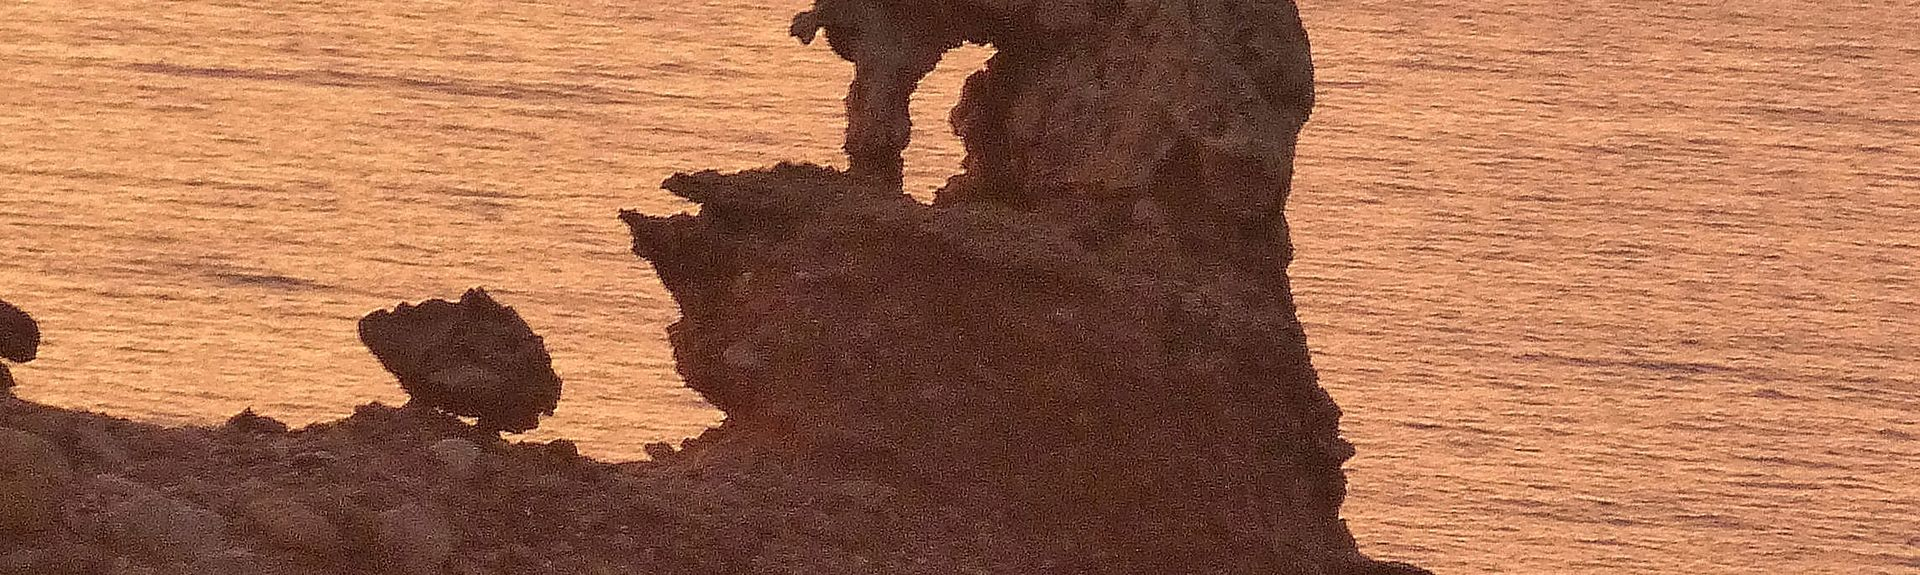 Cala Morell, Balearische Inseln, Spanien